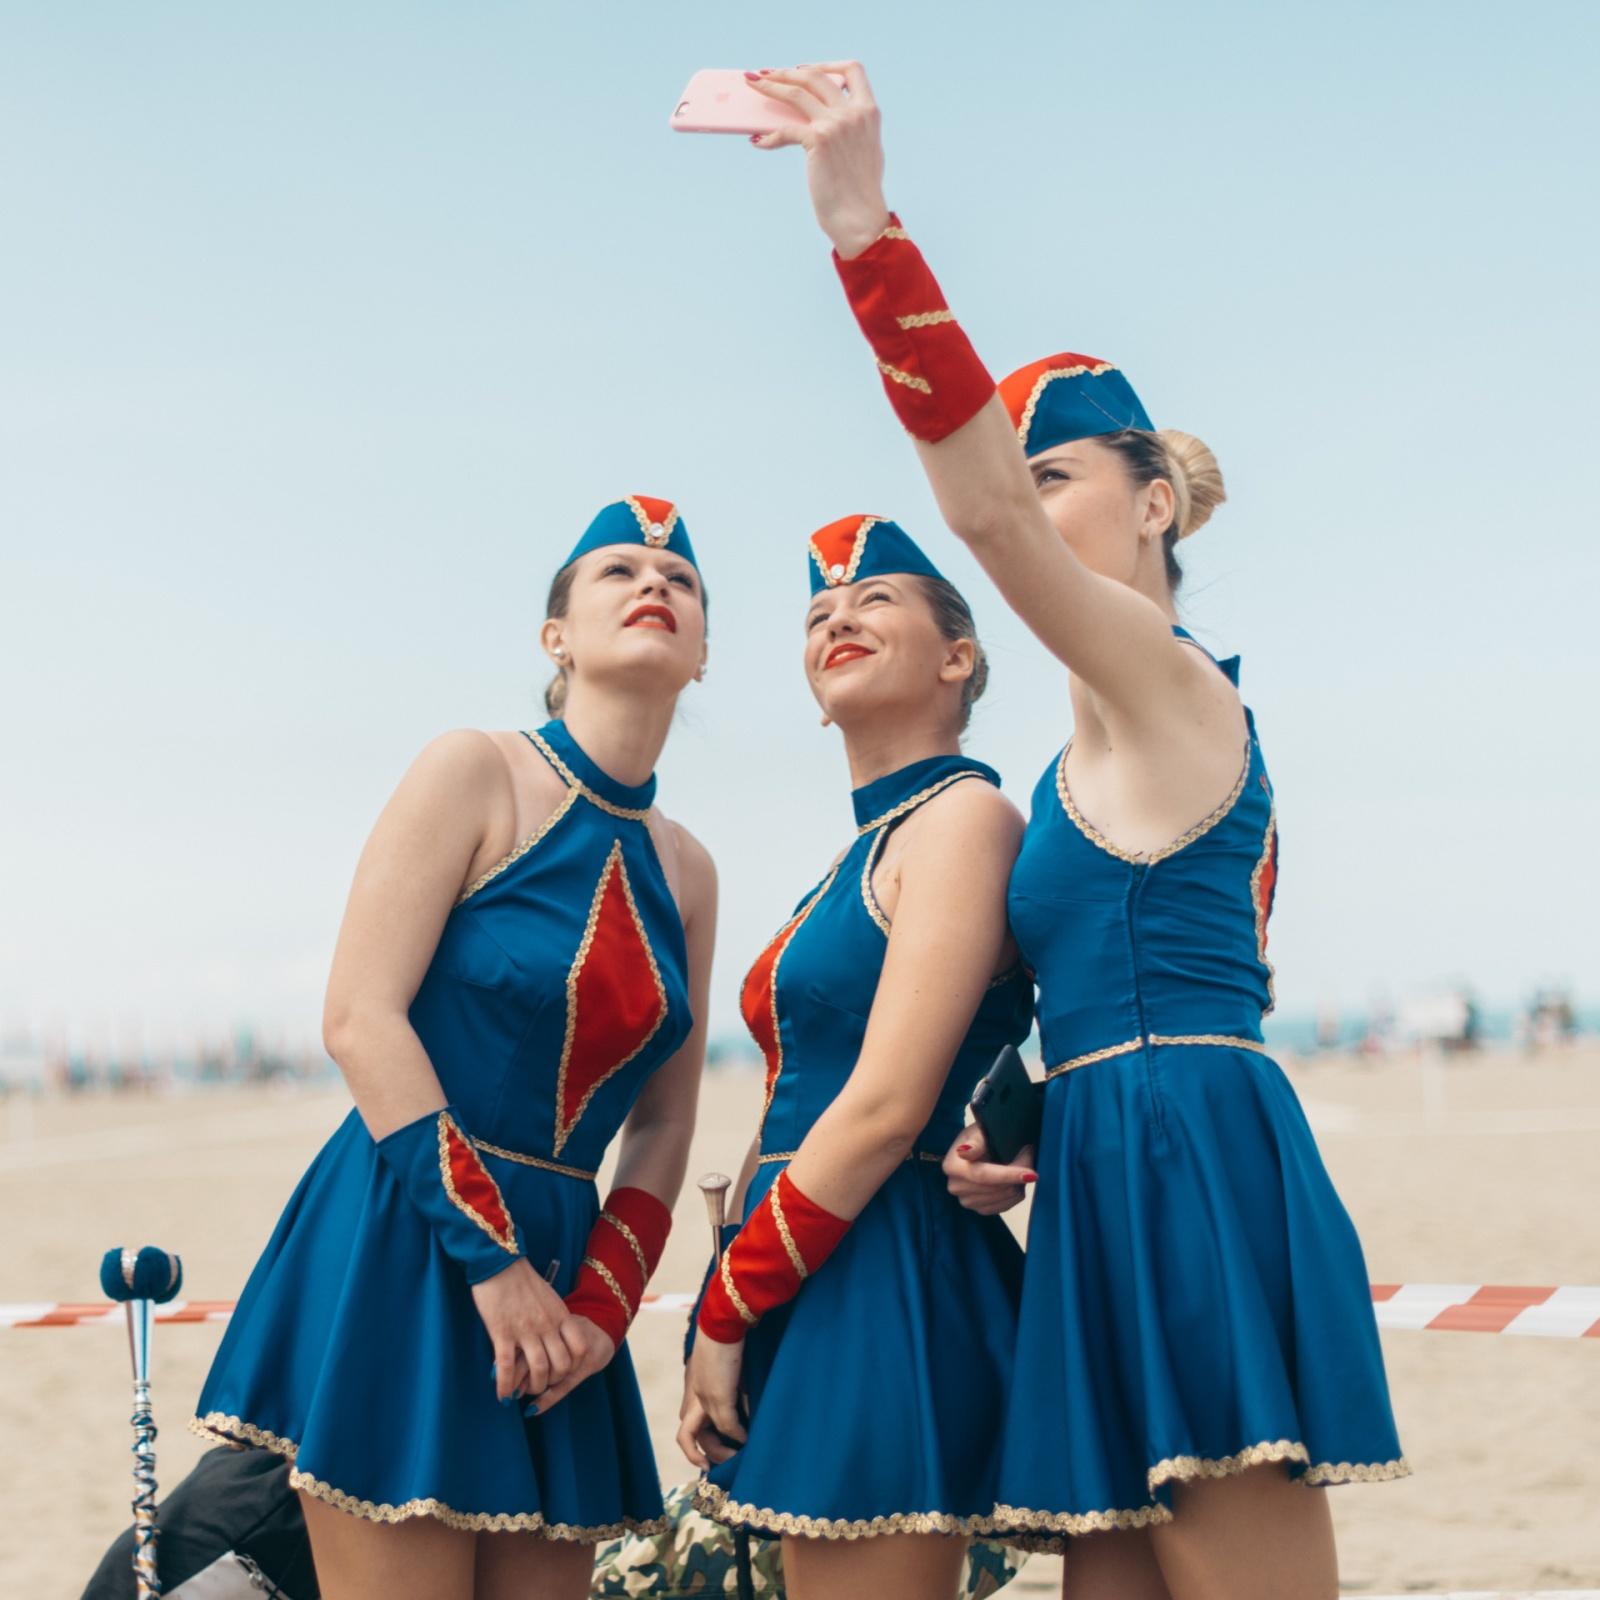 Giorgia, Sara, e Maida delle Majorettes di Mentana scattano un selfie in uniforme prima dei Campionati Italiani Majorette Dance ANBIMA - MWF 2017. Viareggio, LU, 2017. © Agnese Morganti.